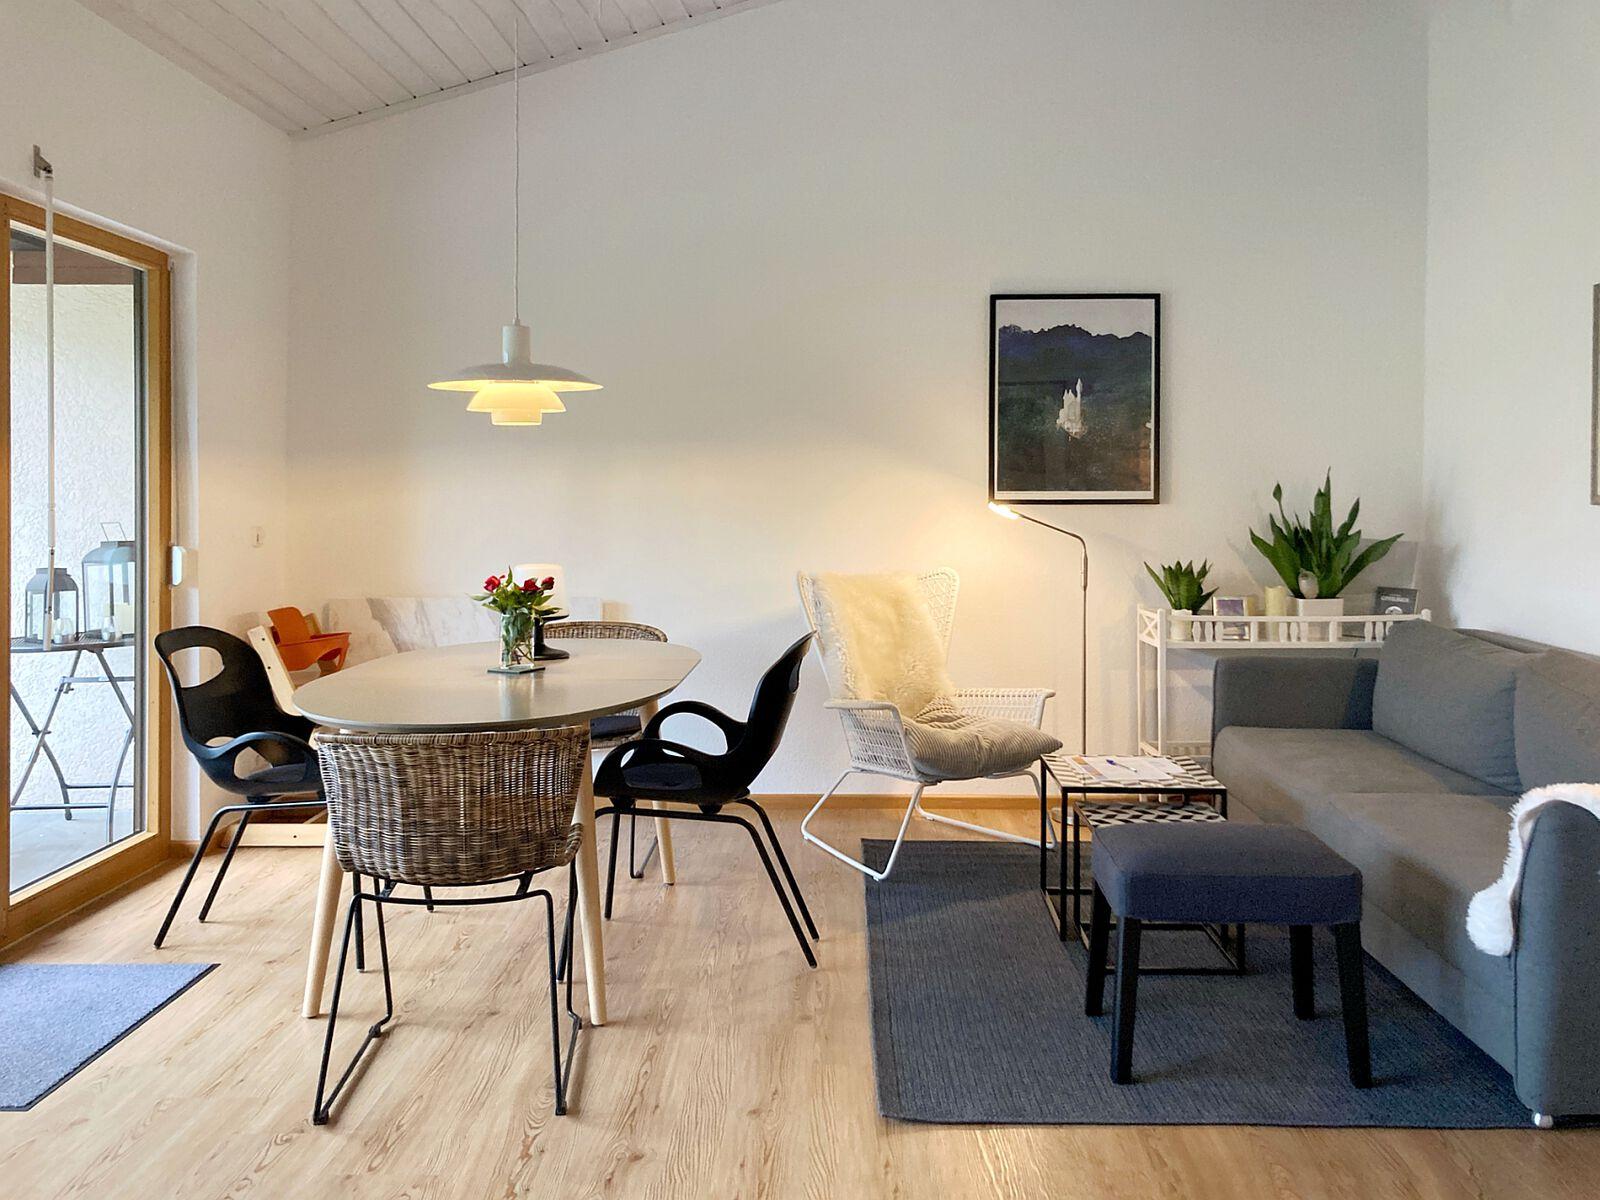 Wohnzimmer mit Esstisch: